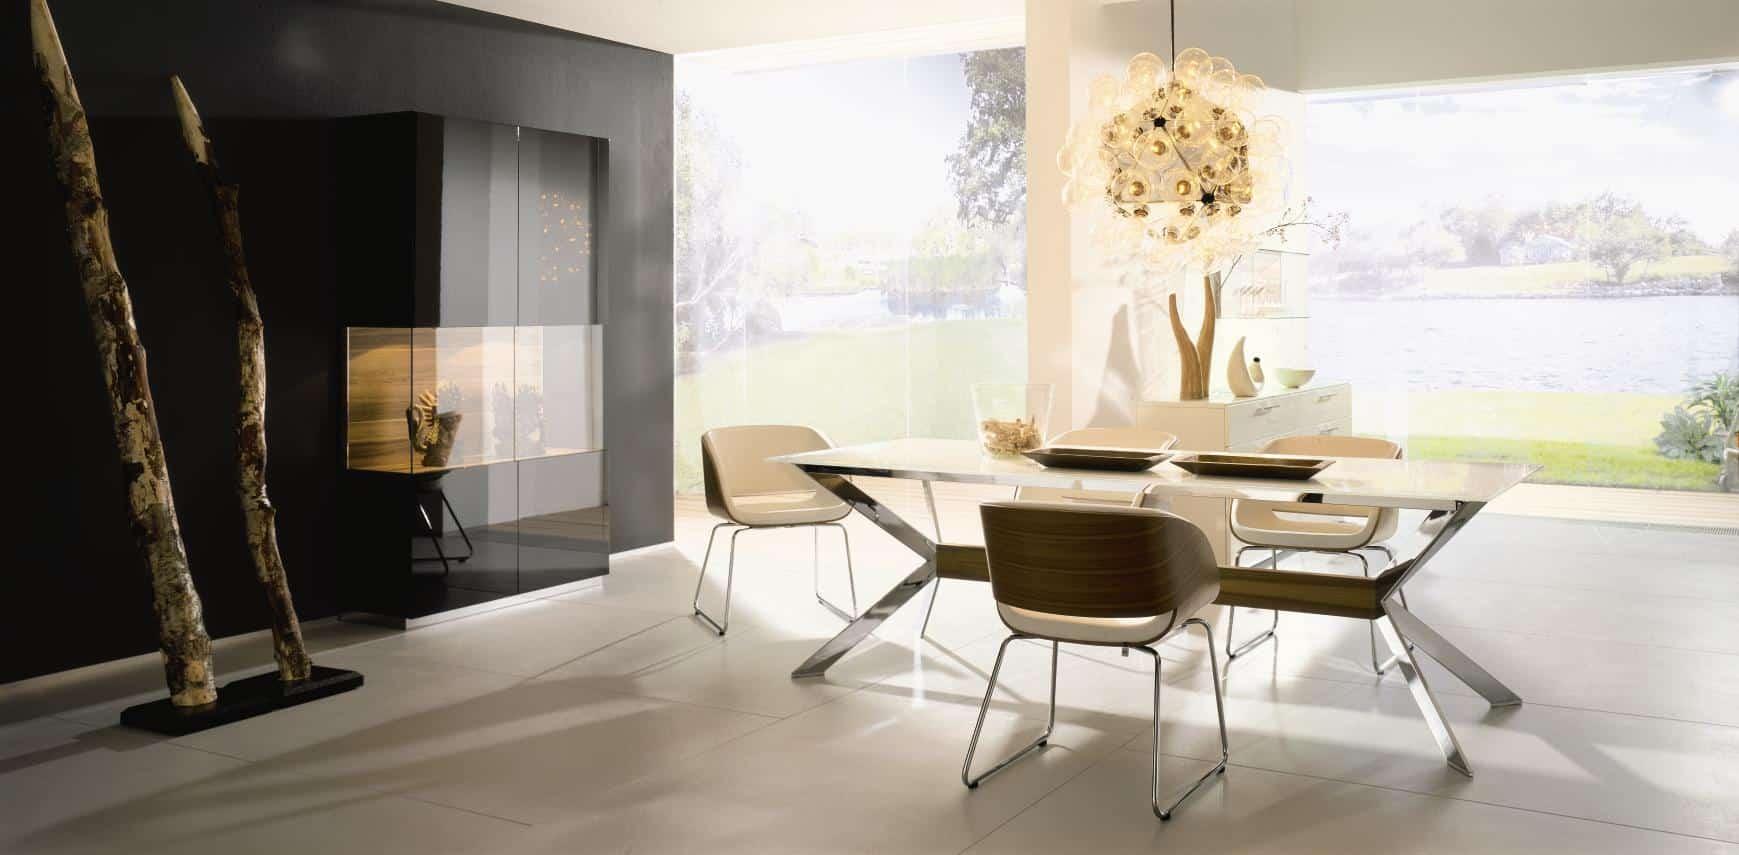 salle manger comment bien l am nager home dome. Black Bedroom Furniture Sets. Home Design Ideas